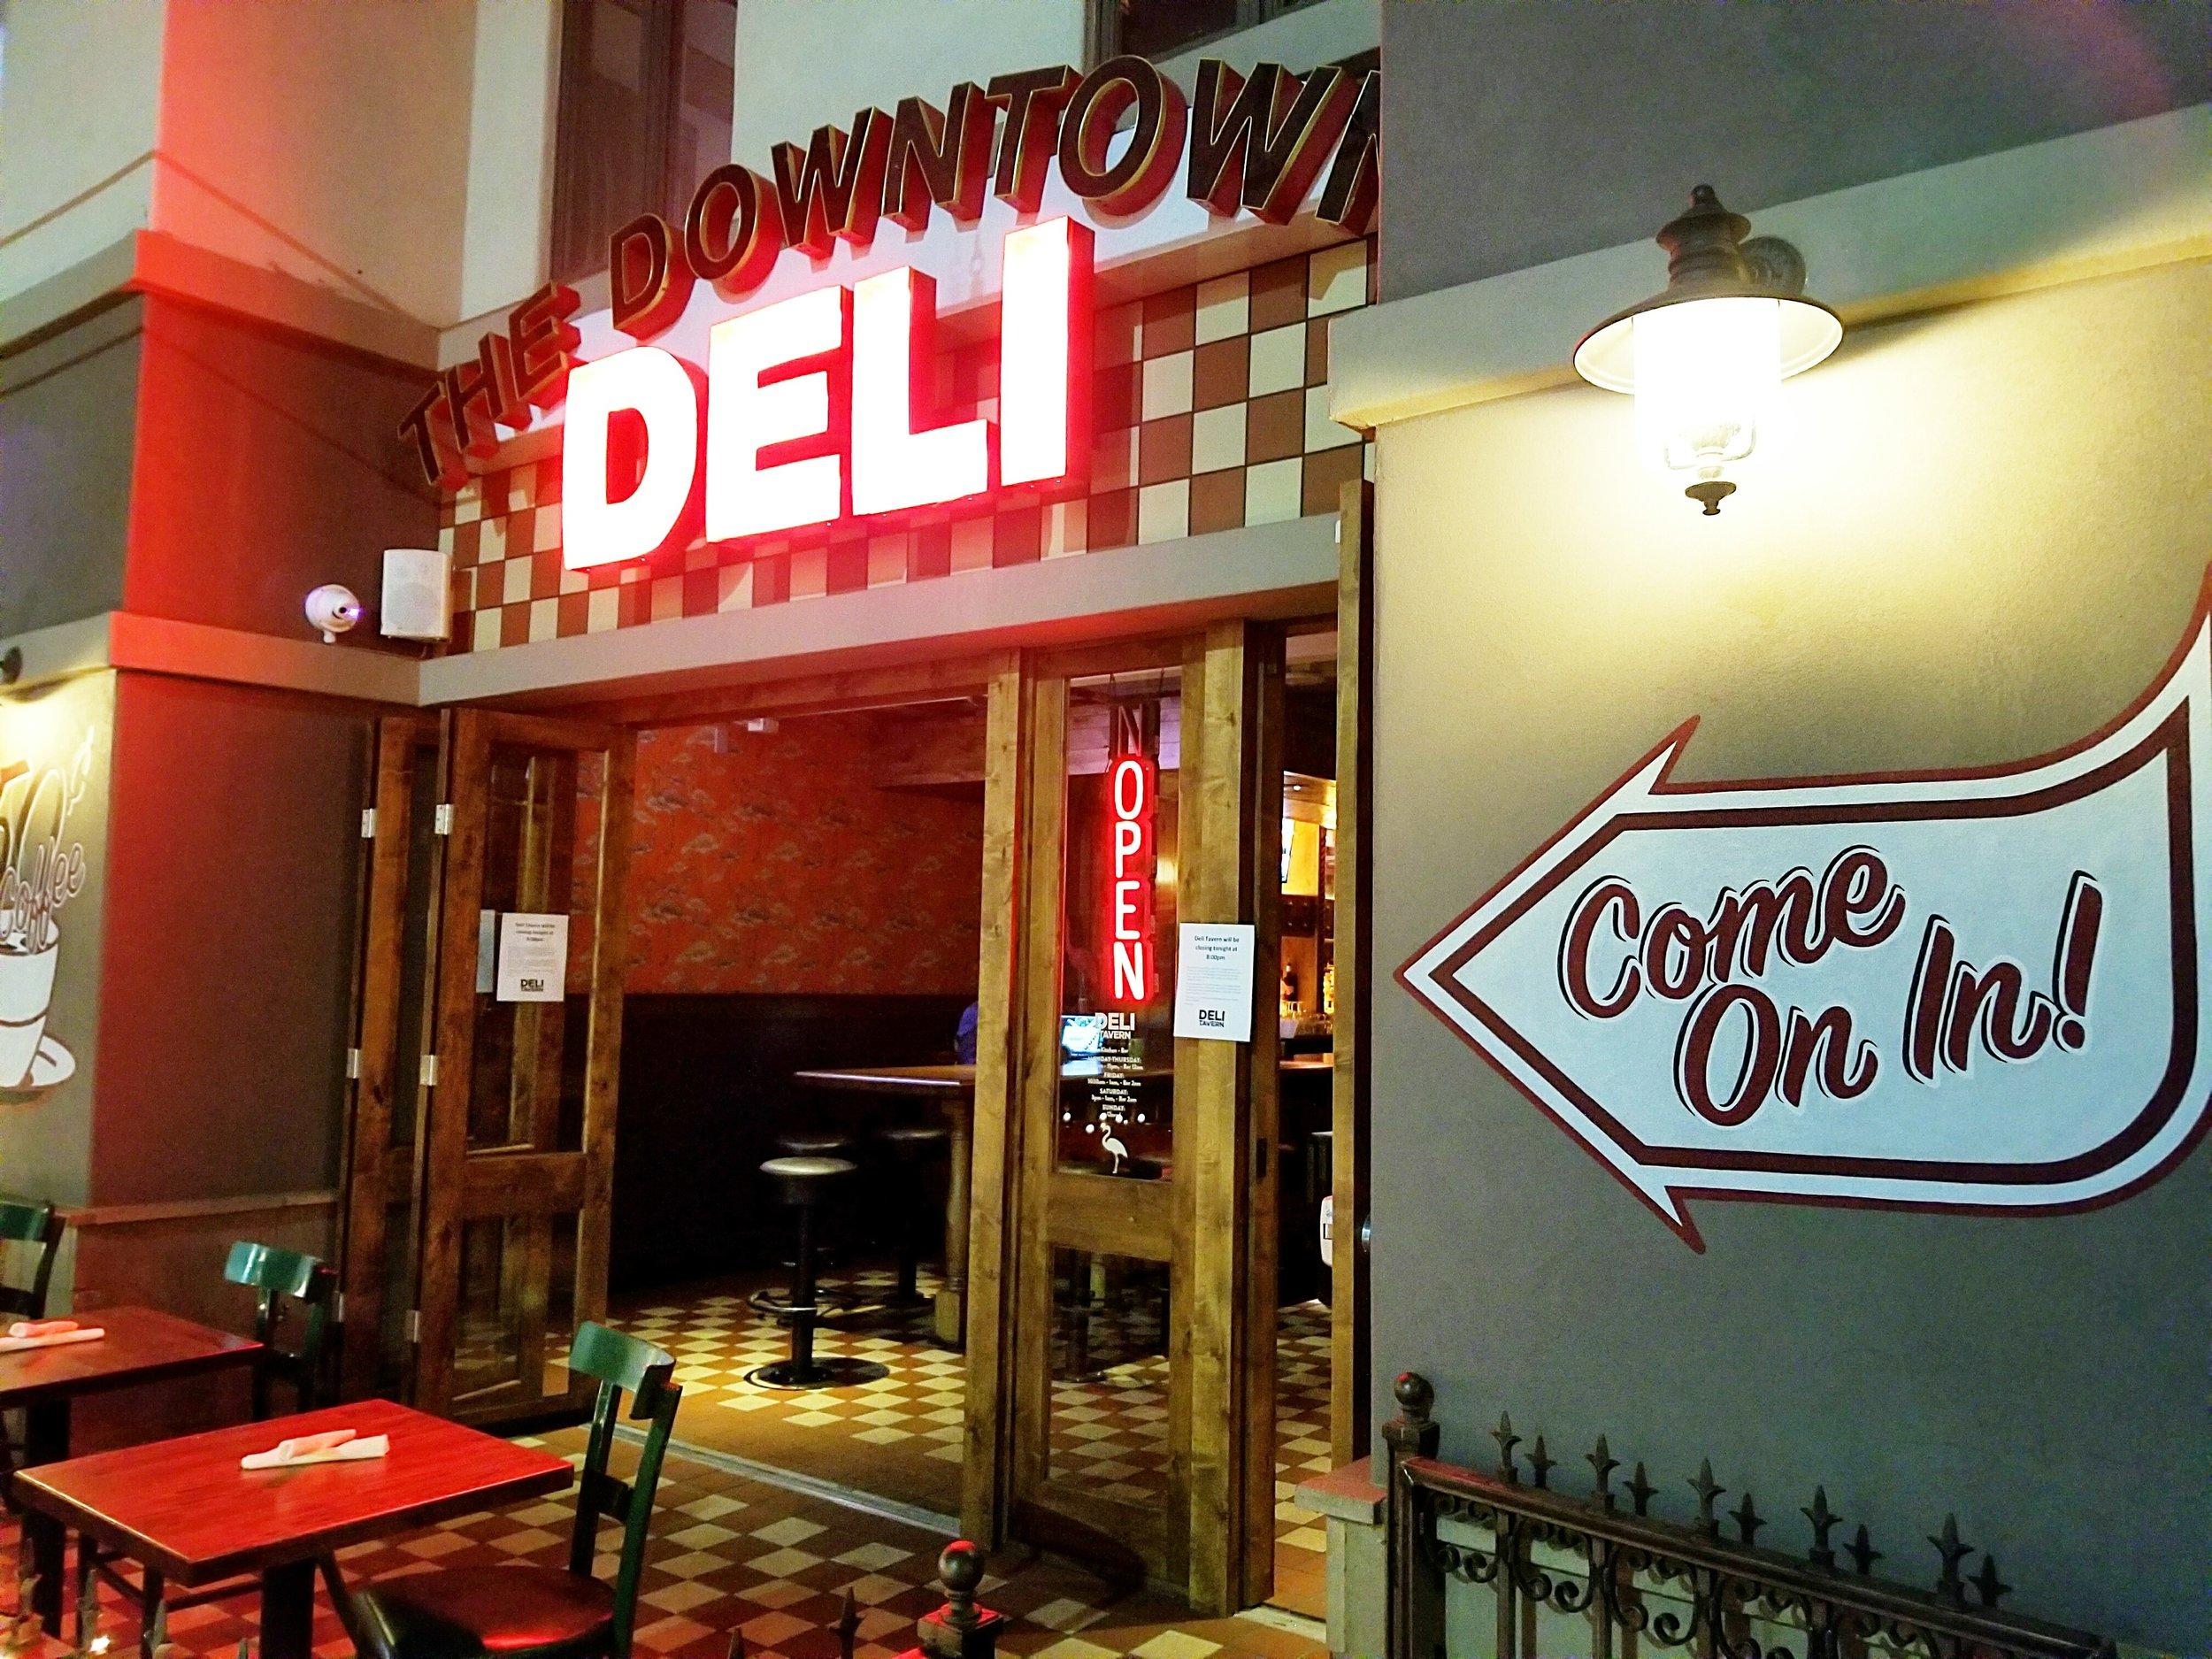 downtown_deli_tavern_-_exterior_sign_-_escarcega.jpg